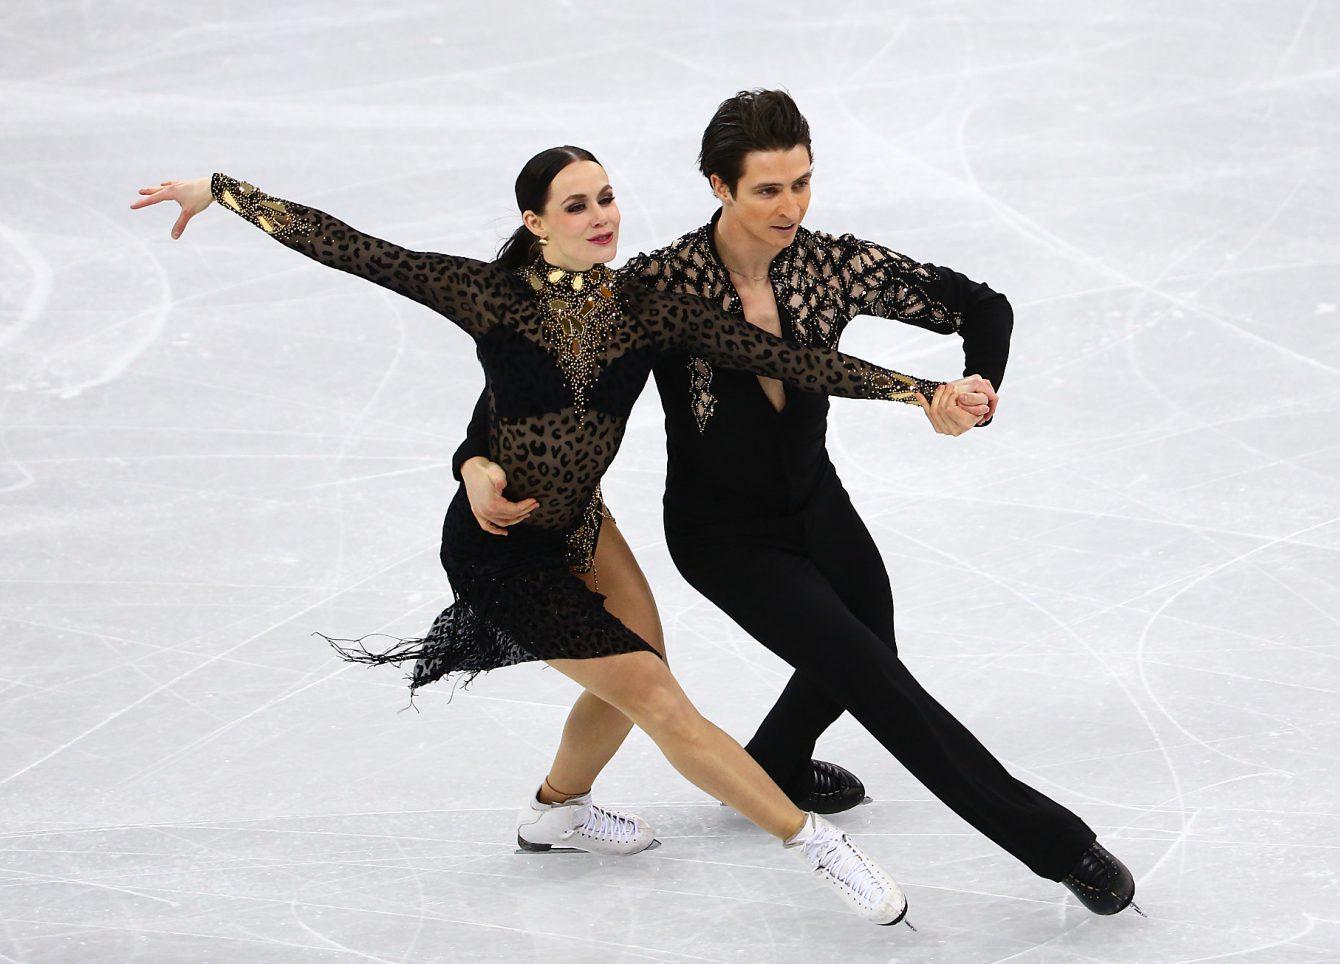 Deux patineurs de danse sur glace effectuent un virage S (anciennement appelé un choctaw)